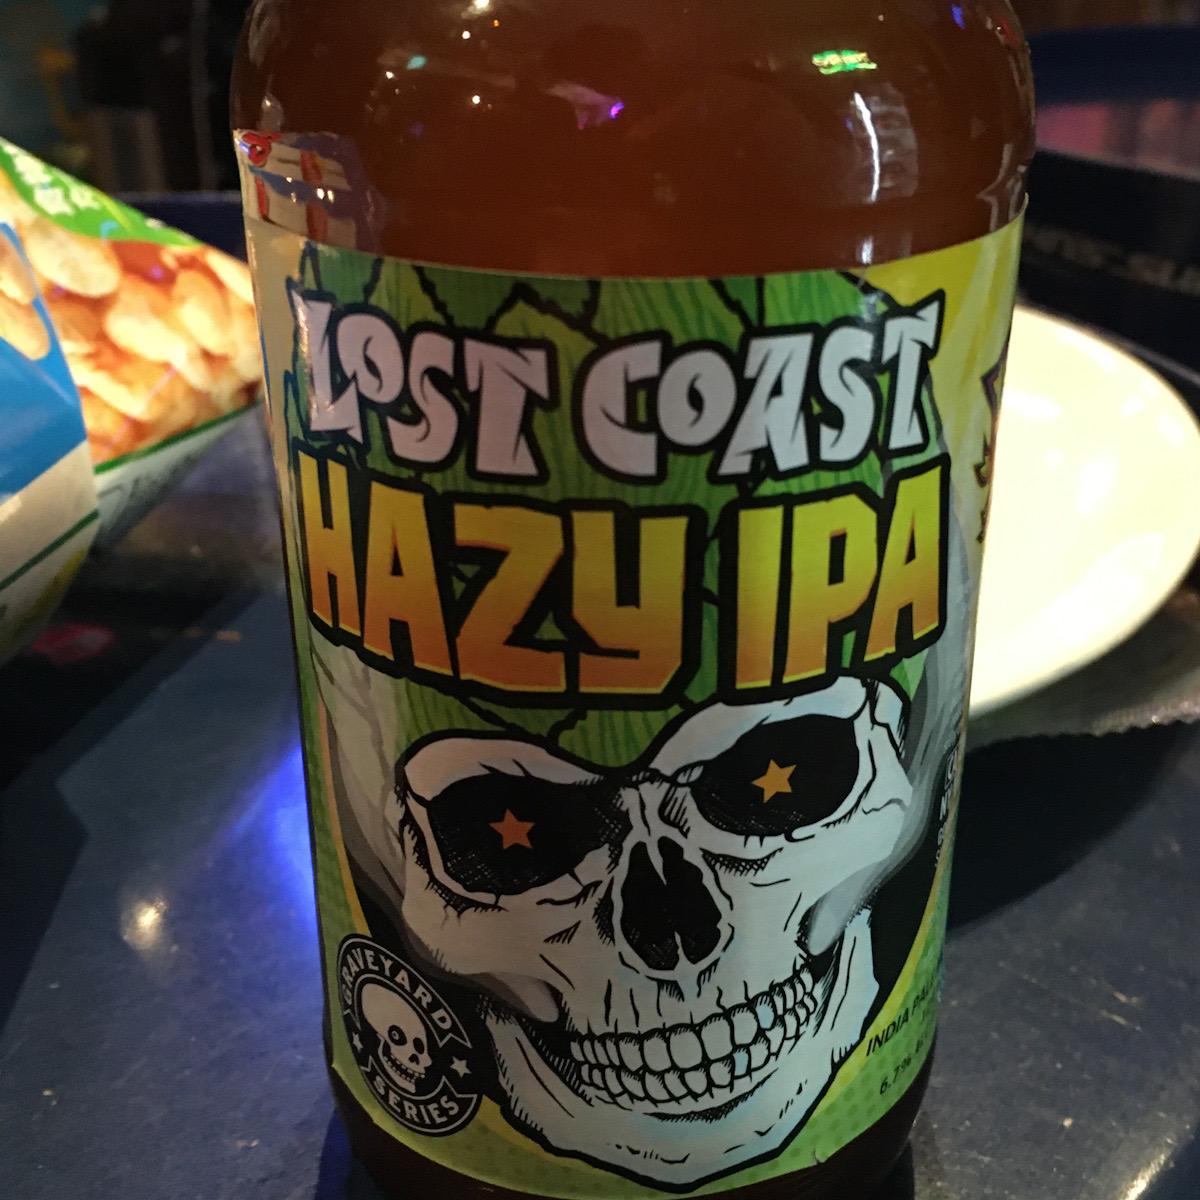 恵比寿の世界のビールが飲める「JOLLYS」で忘年会